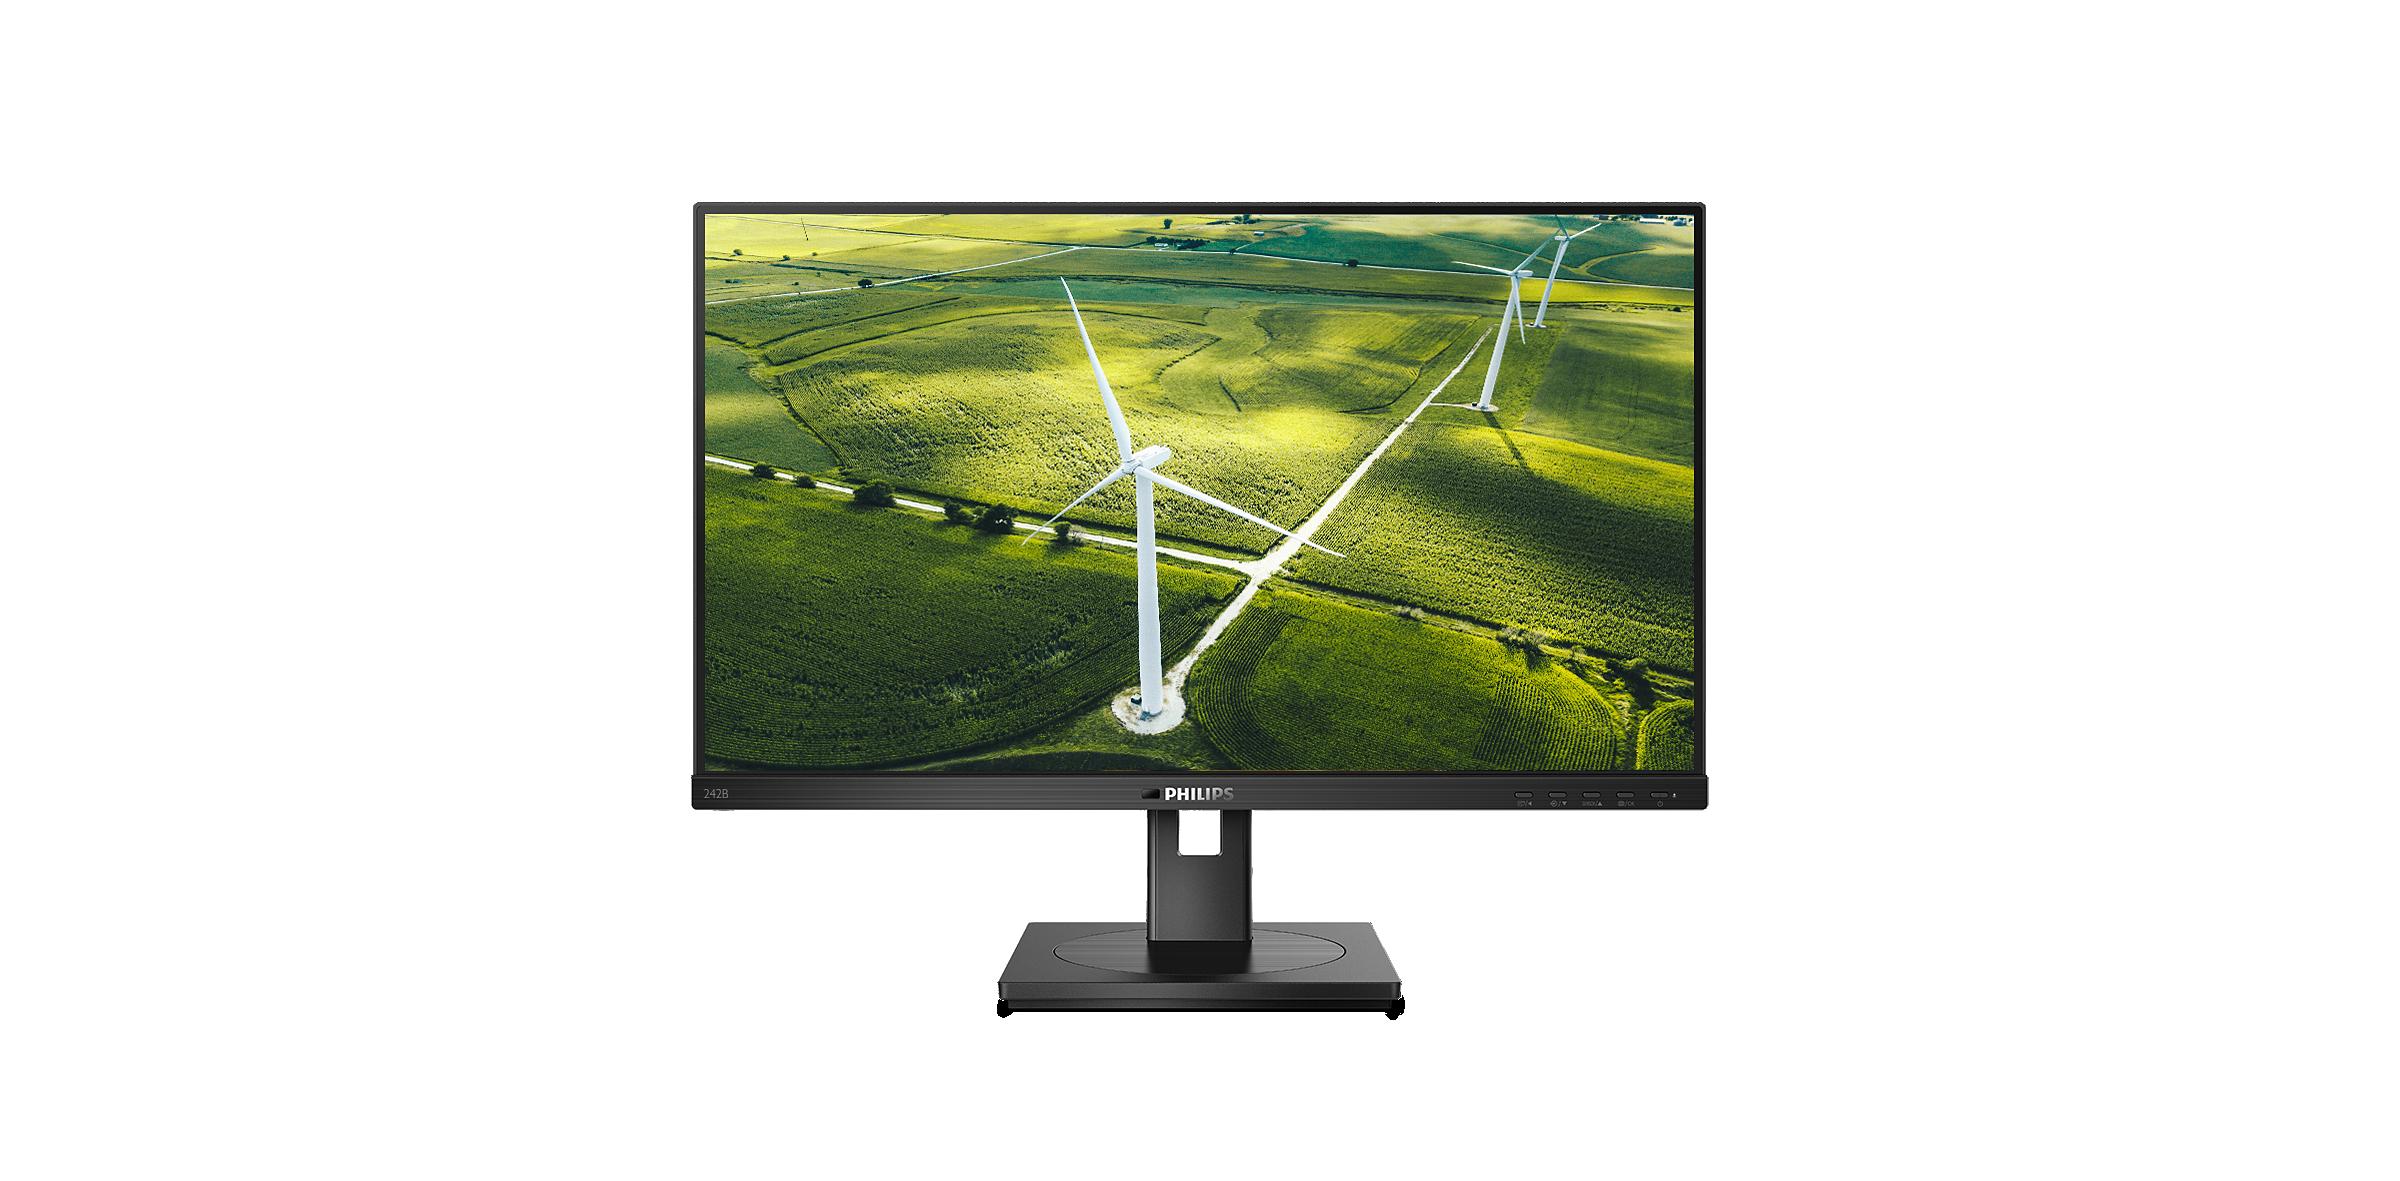 Новый монитор Philips 242B1G